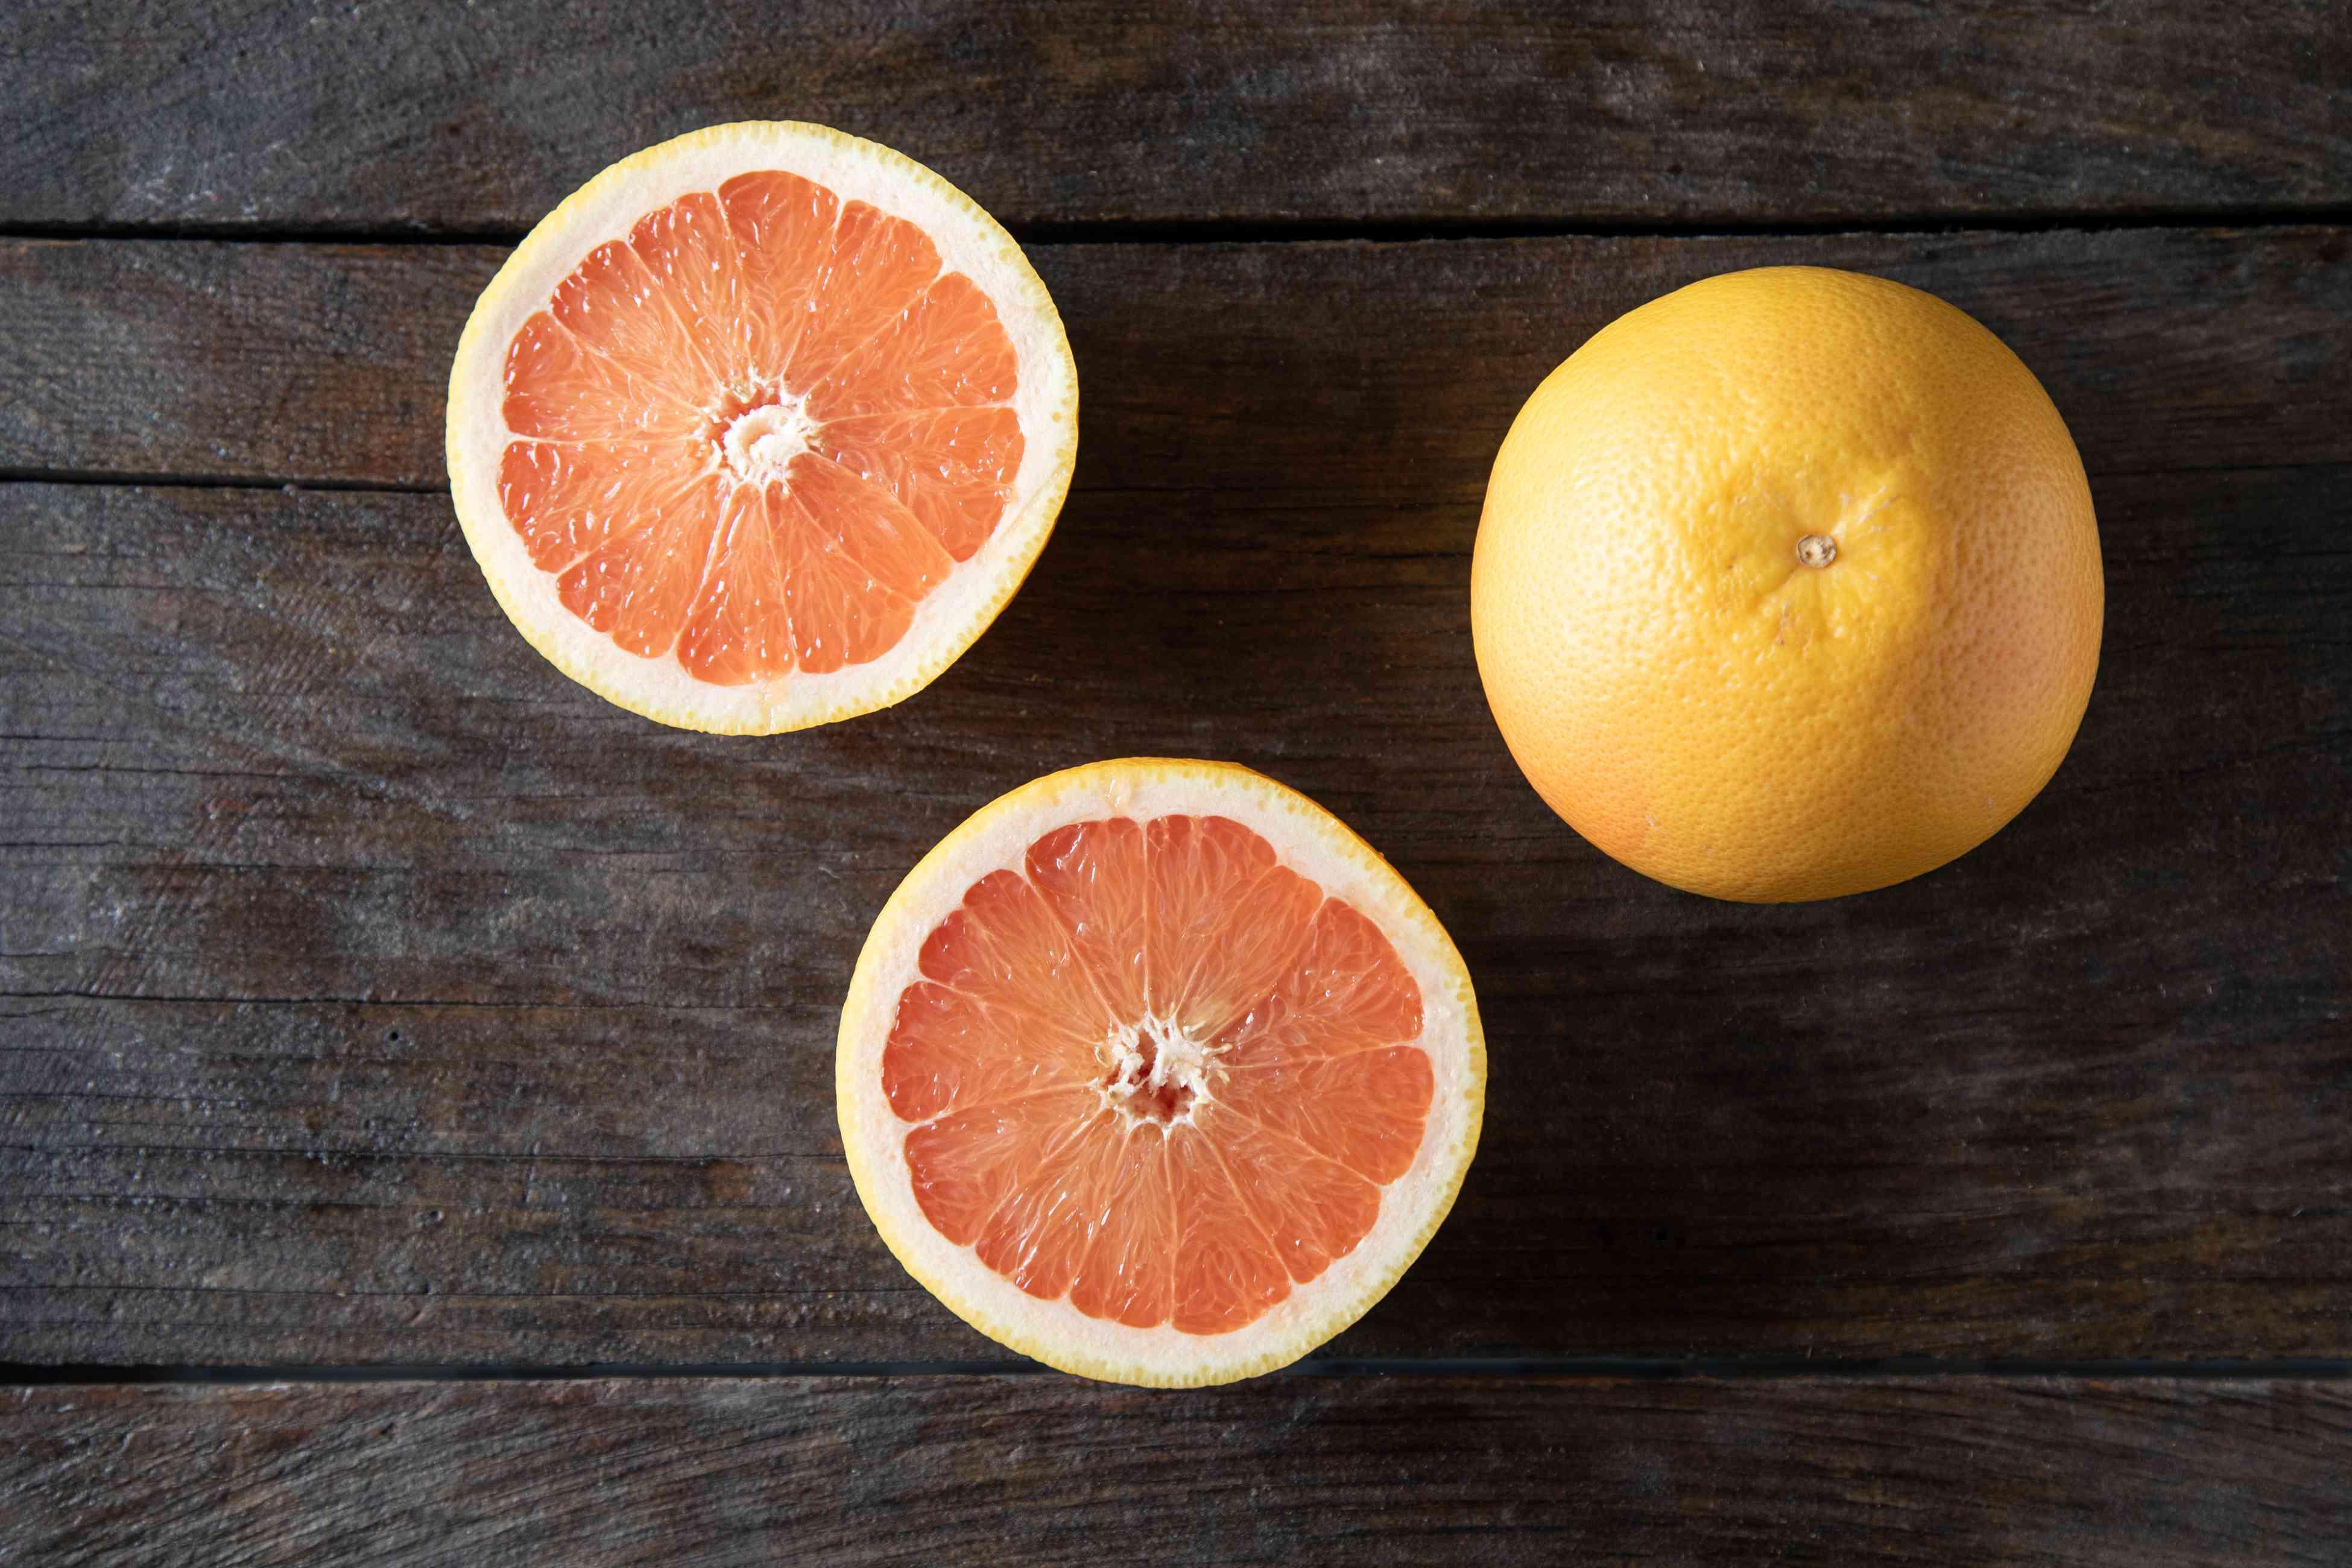 Grapefruit on dark background